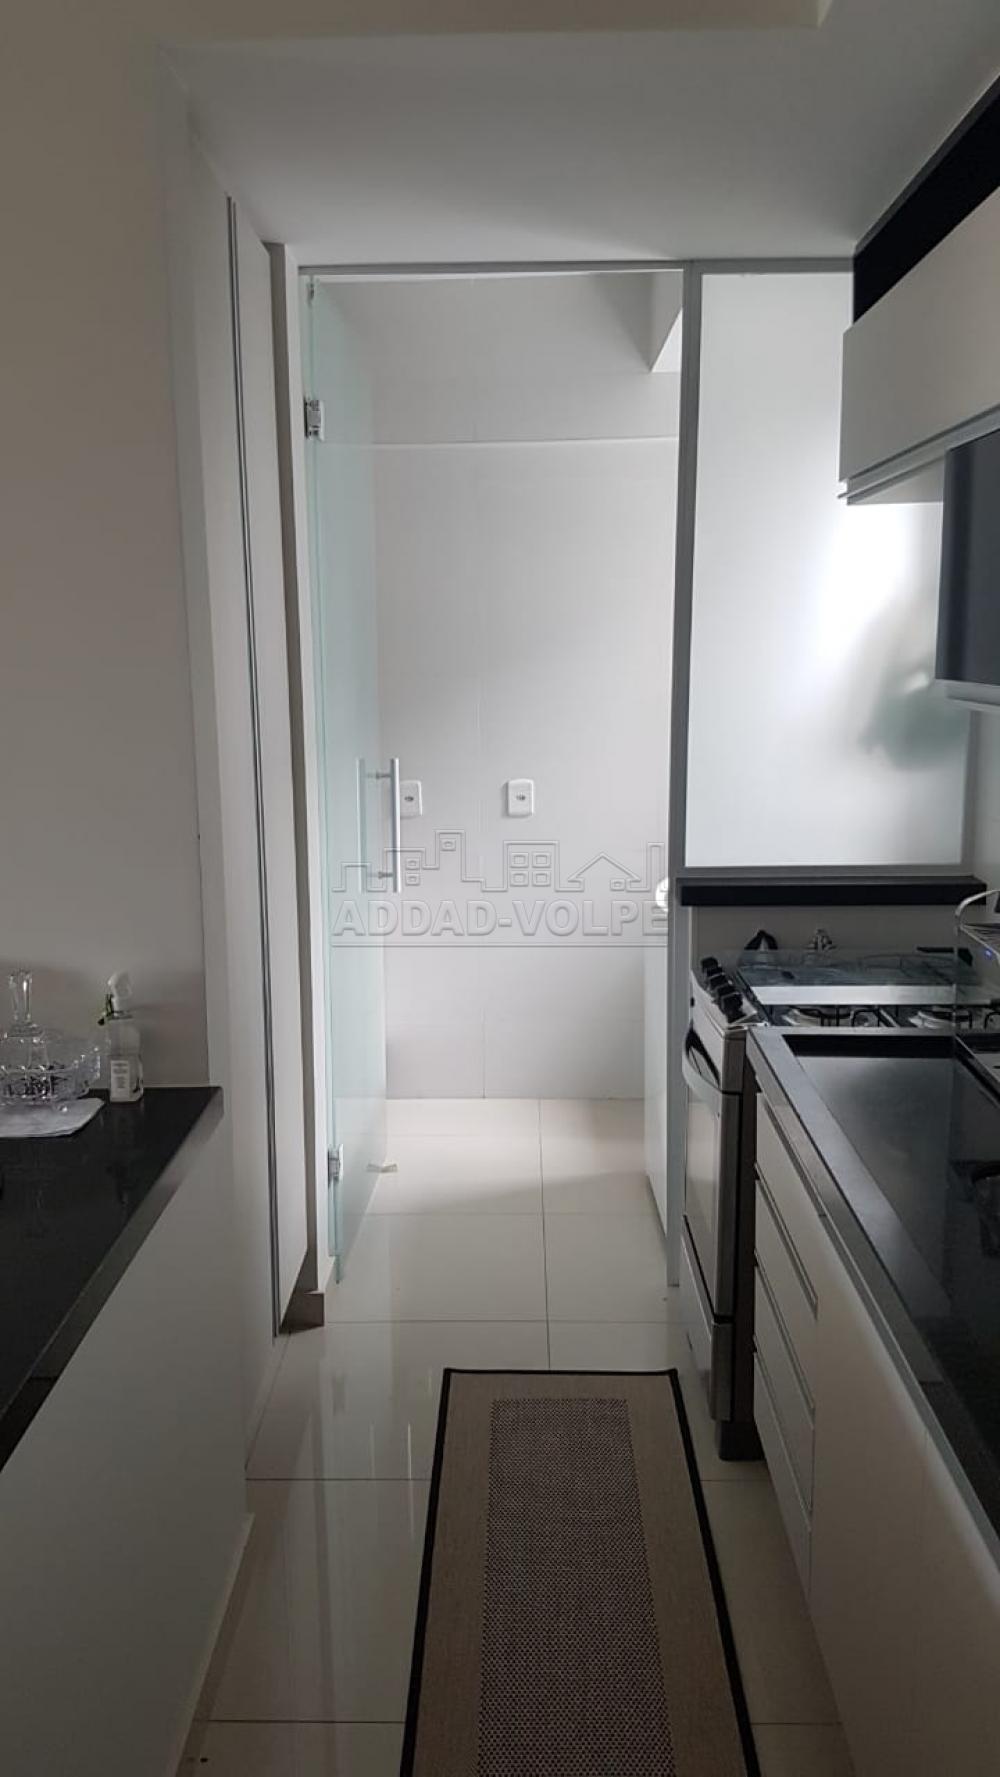 Comprar Apartamento / Padrão em Bauru apenas R$ 520.000,00 - Foto 6